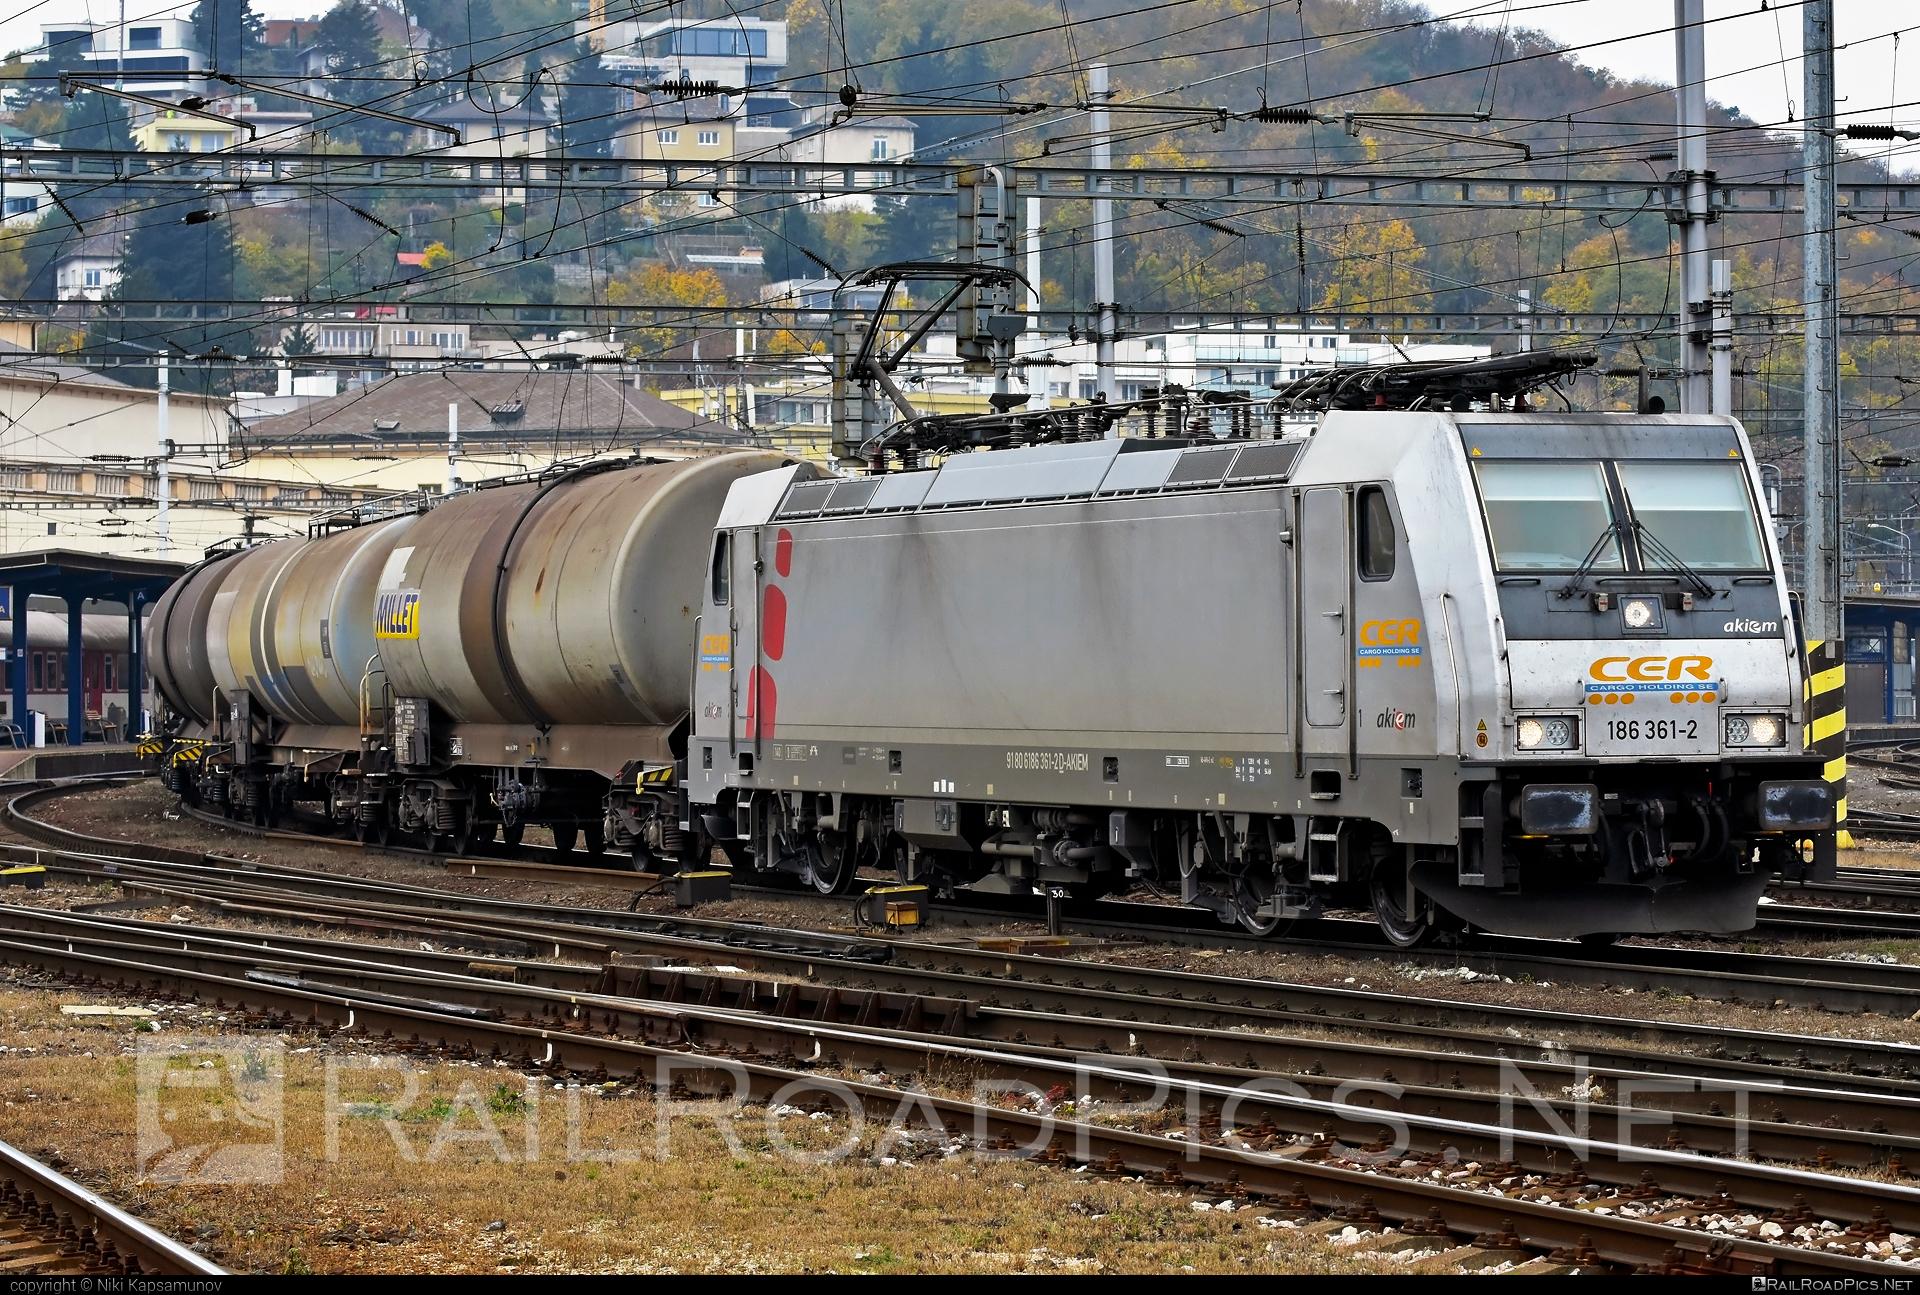 Bombardier TRAXX F140 MS - 186 361-2 operated by CER Cargo Holding SE #akiem #akiemsas #bombardier #bombardiertraxx #cercargoholding #cercargoholdingse #kesselwagen #millet #tankwagon #traxx #traxxf140 #traxxf140ms